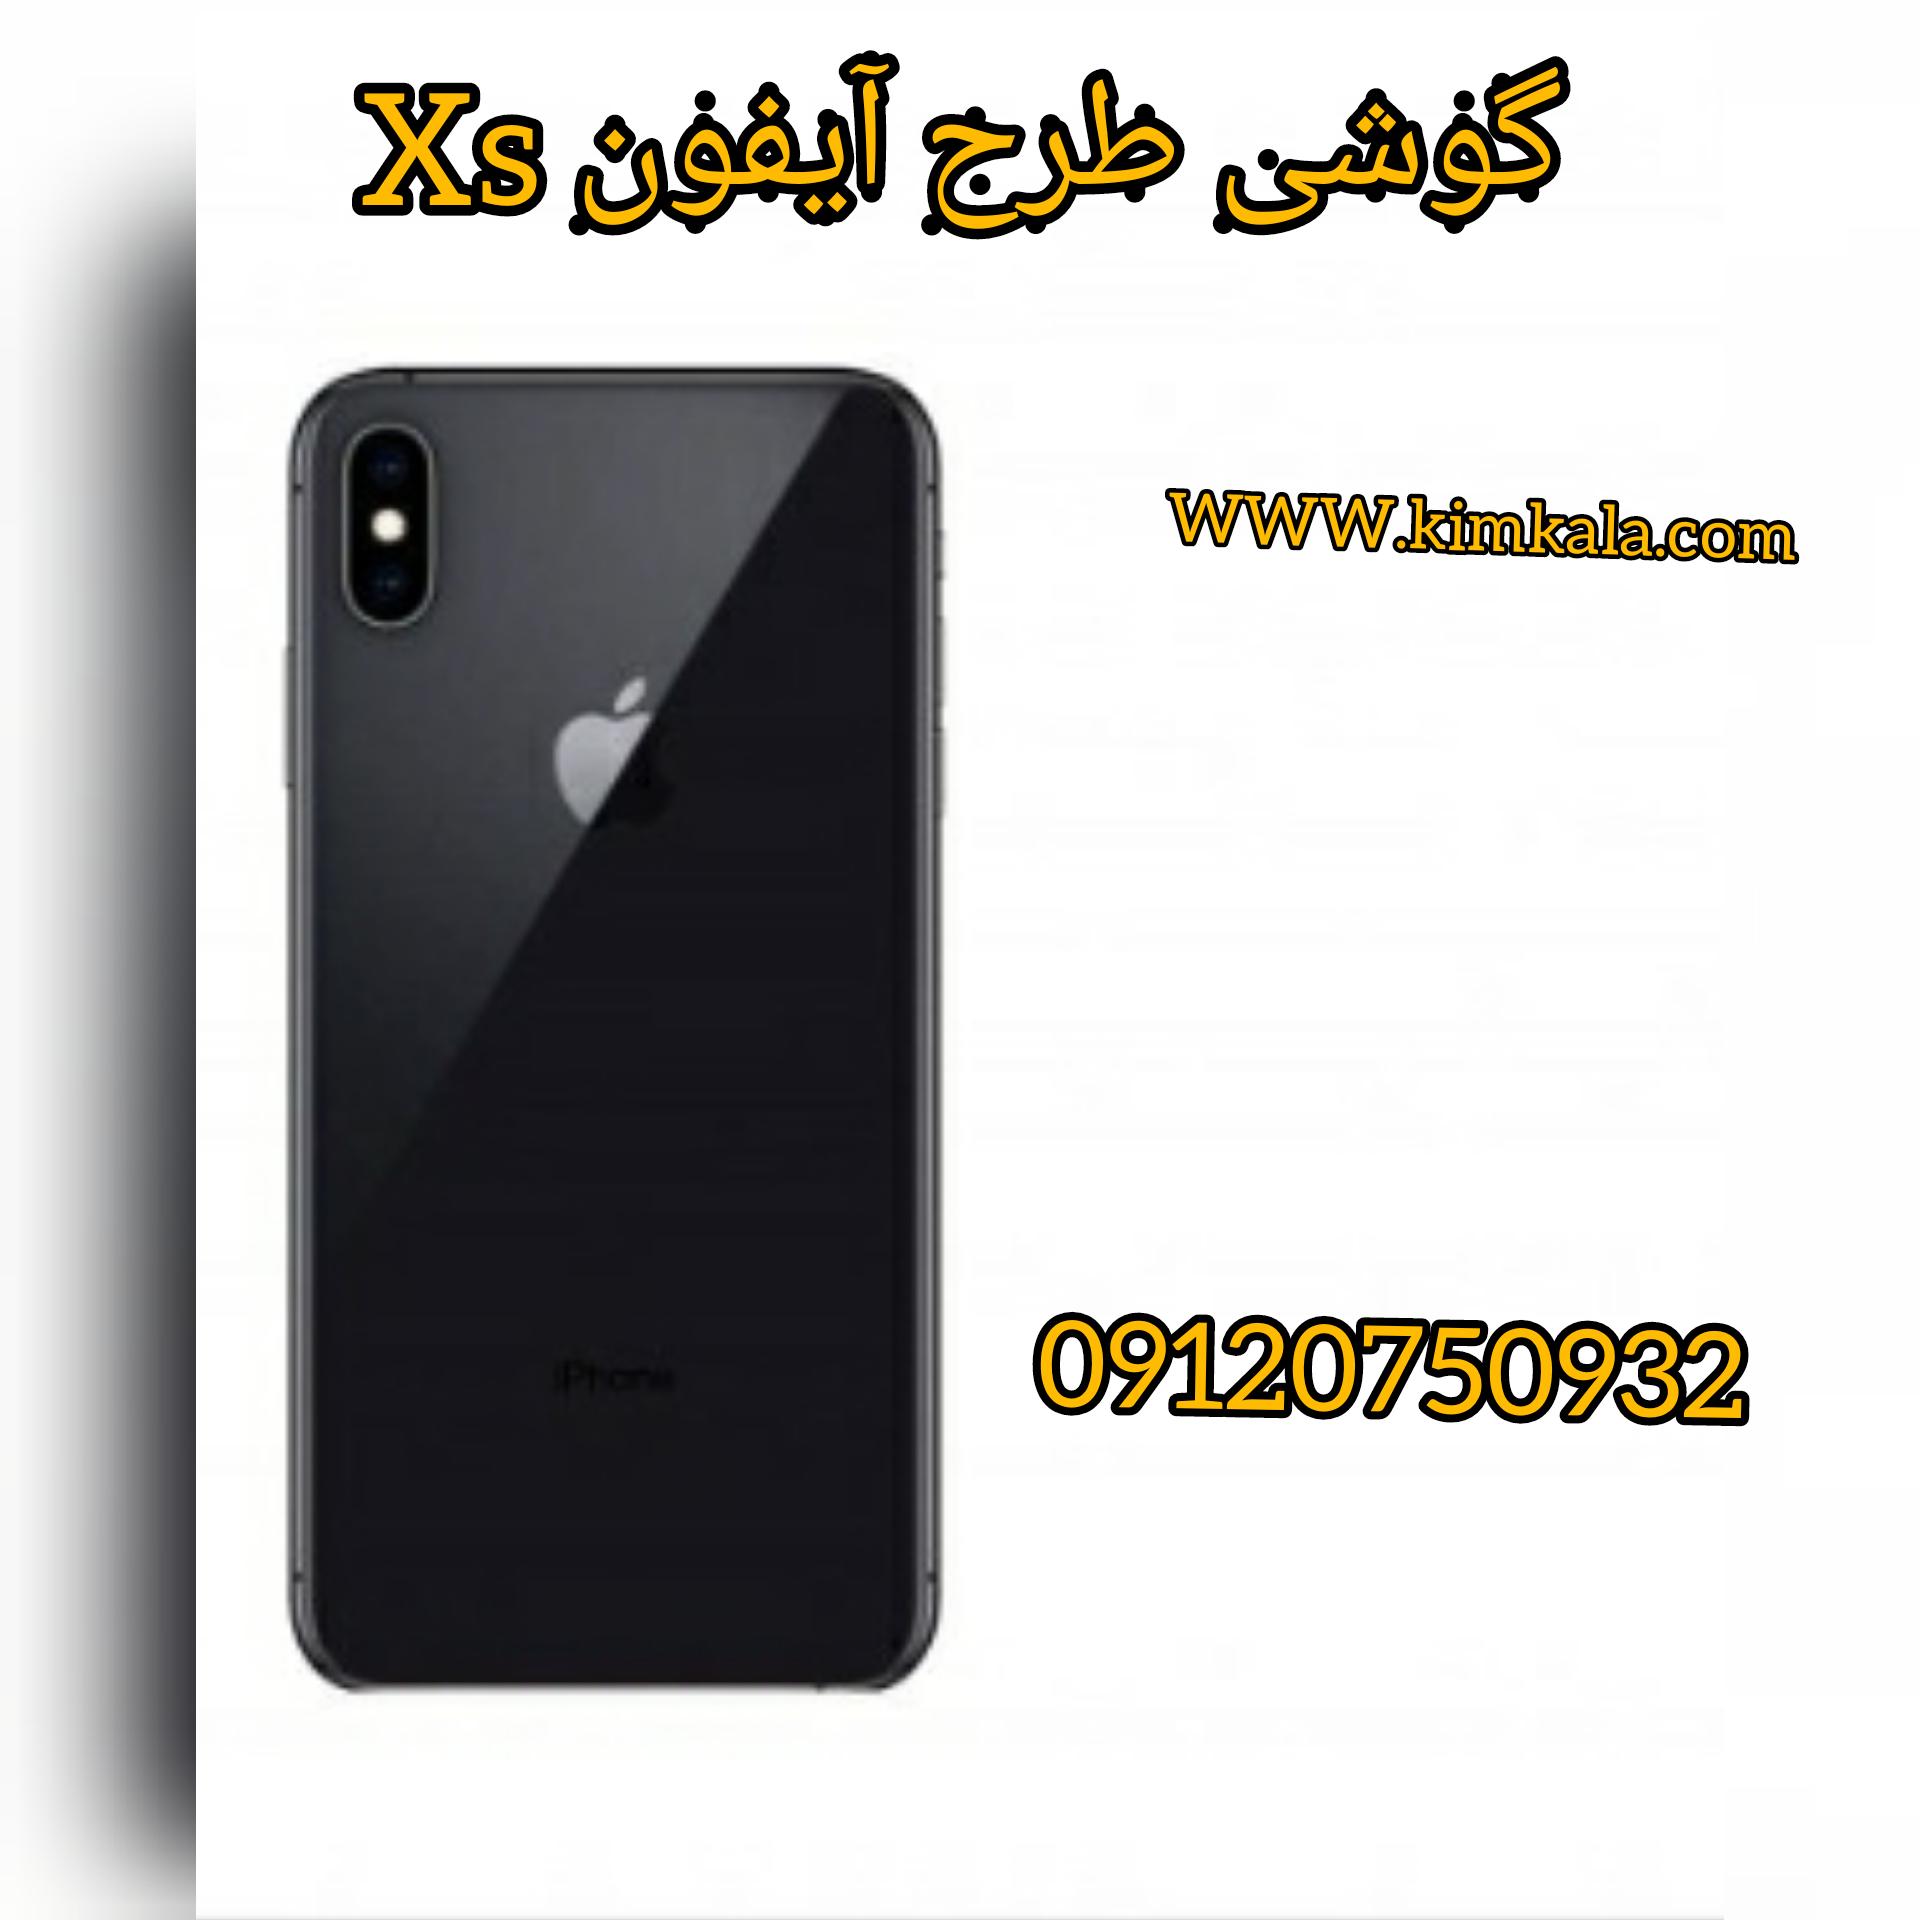 گوشی طرح آیفون Xs/پرفروش ترین گوشی/09120750932